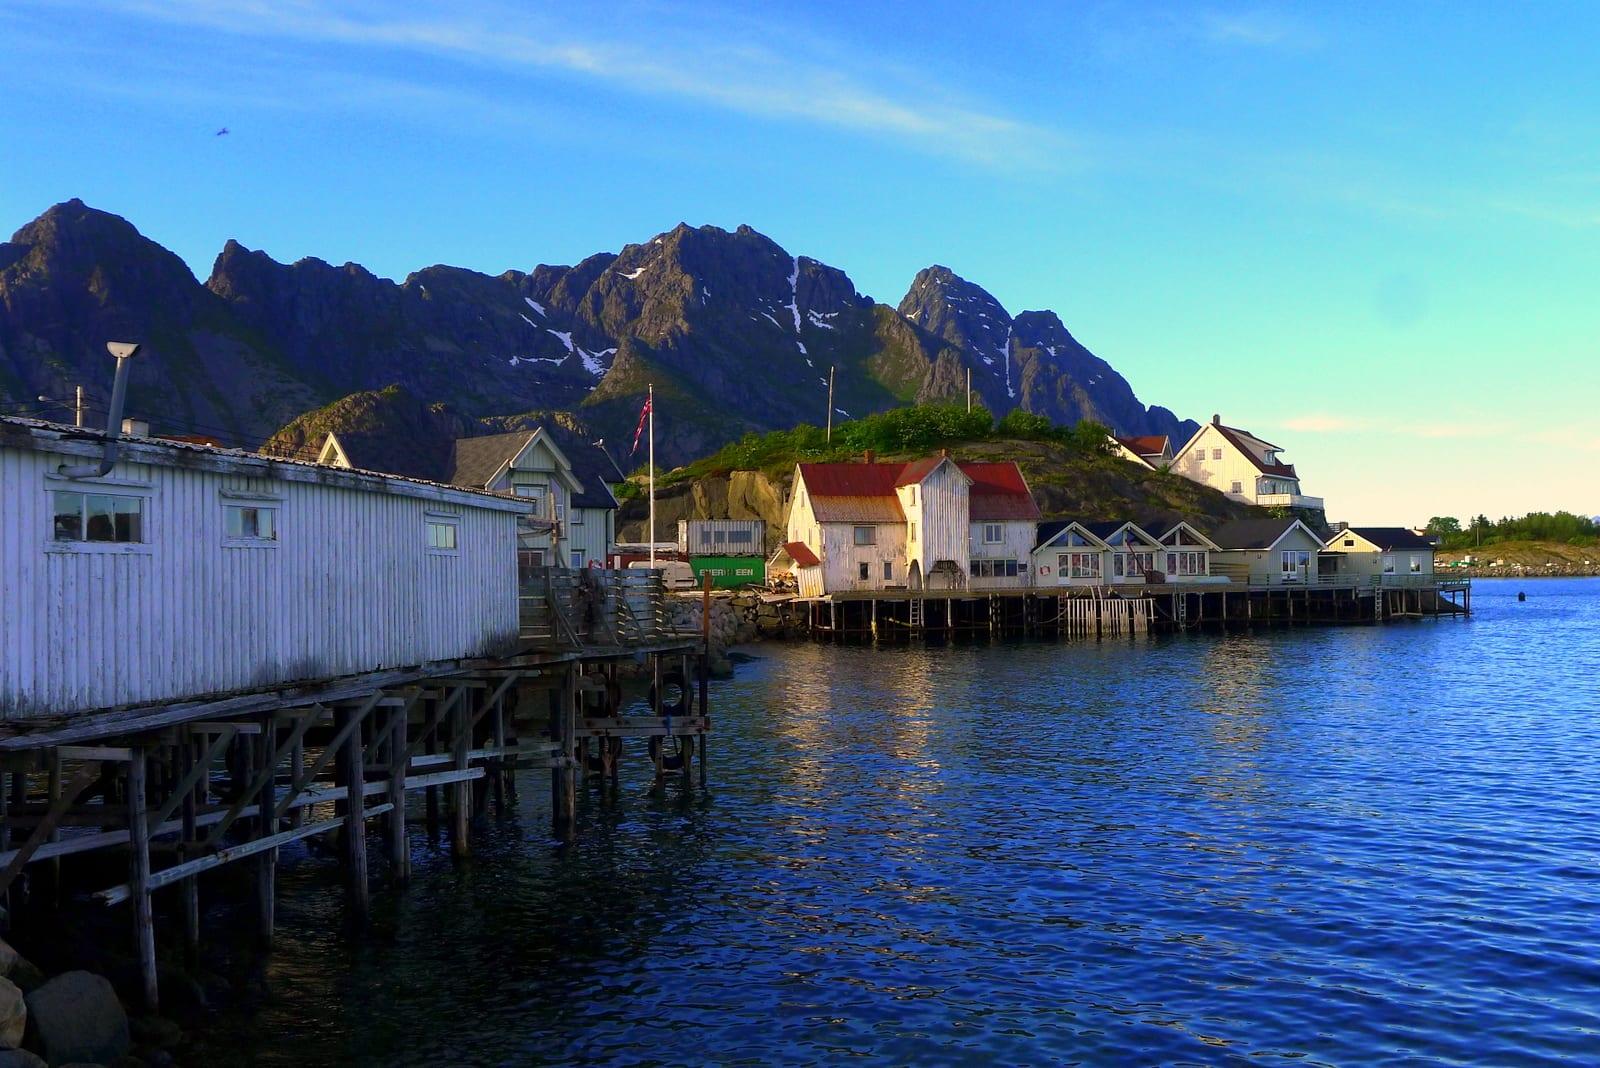 bilferie nord norge